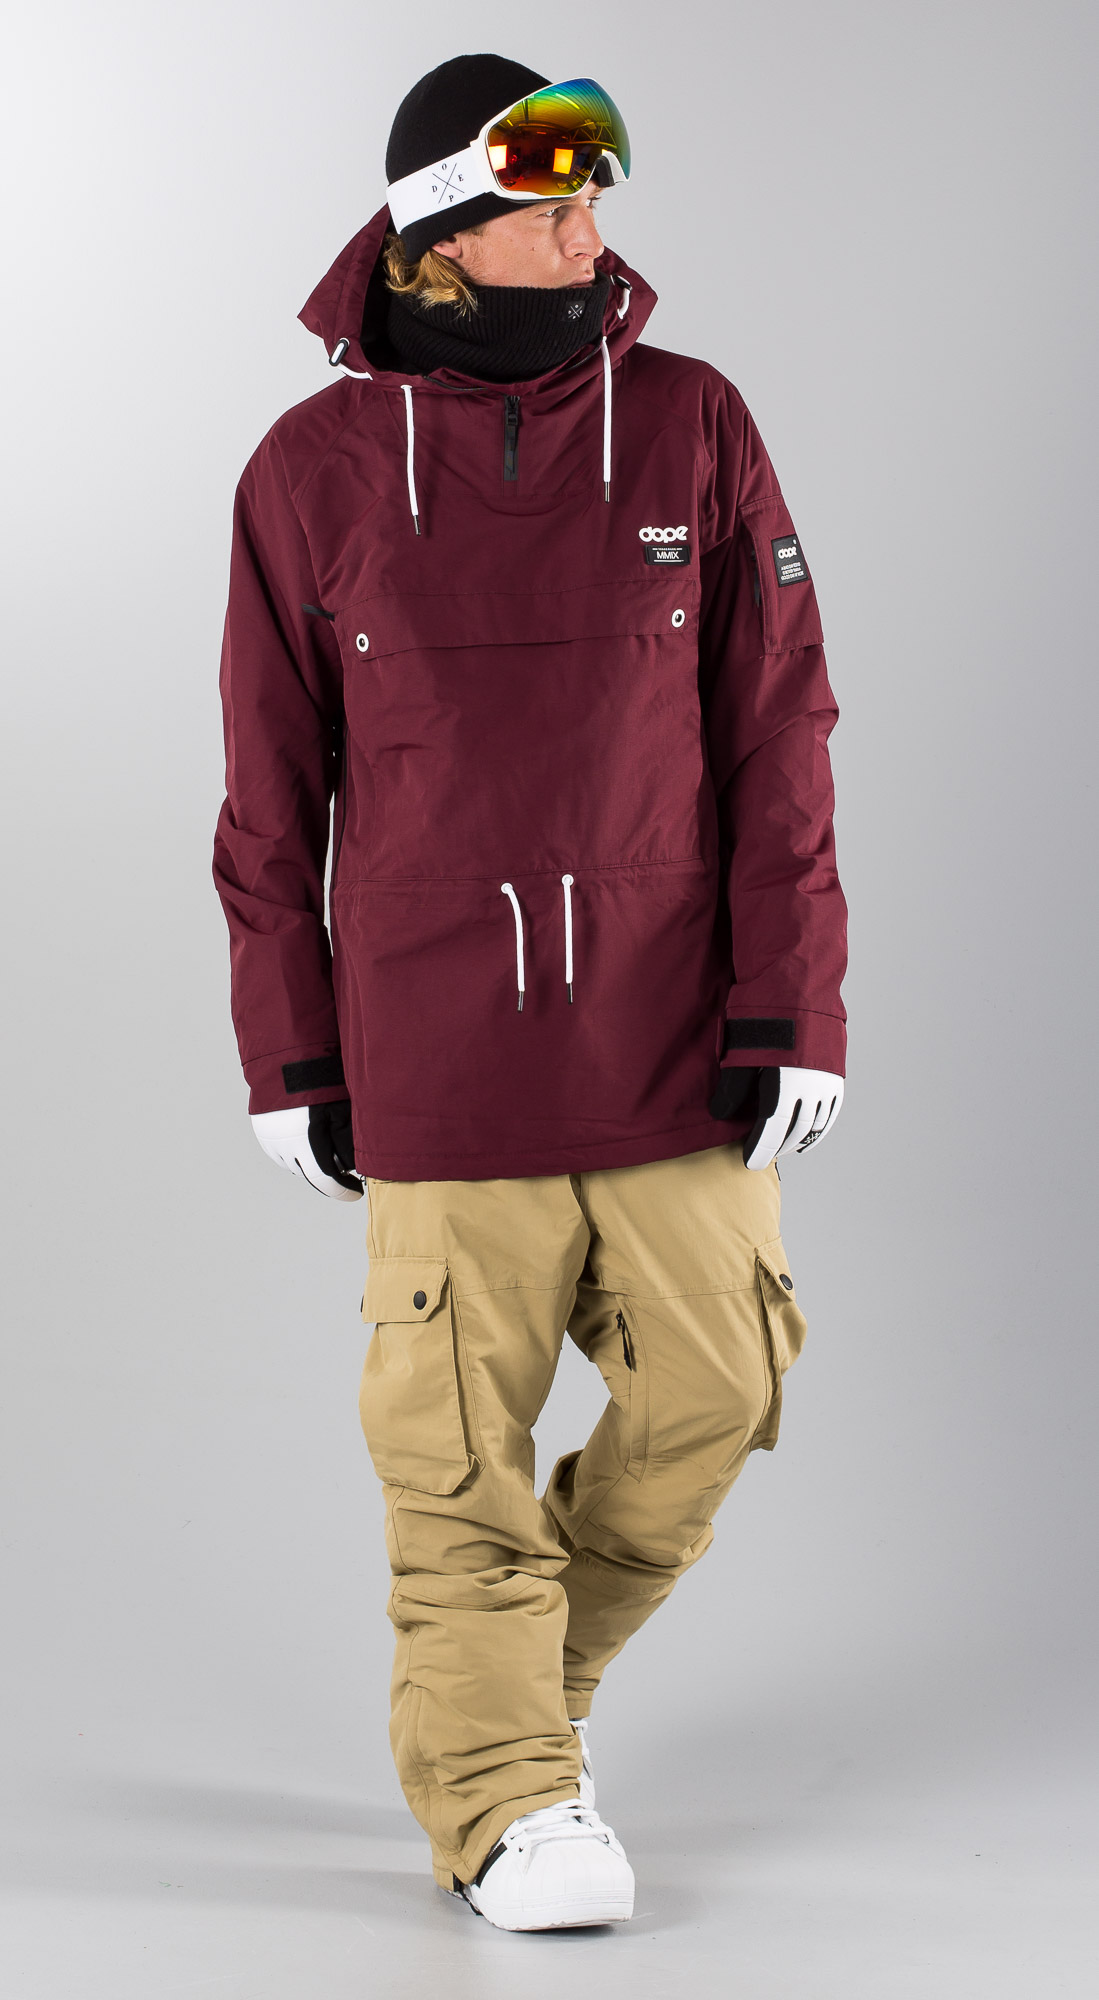 Consegna Abbigliamento Gratuita Snowboard Ridestore Uomo rHqH7E